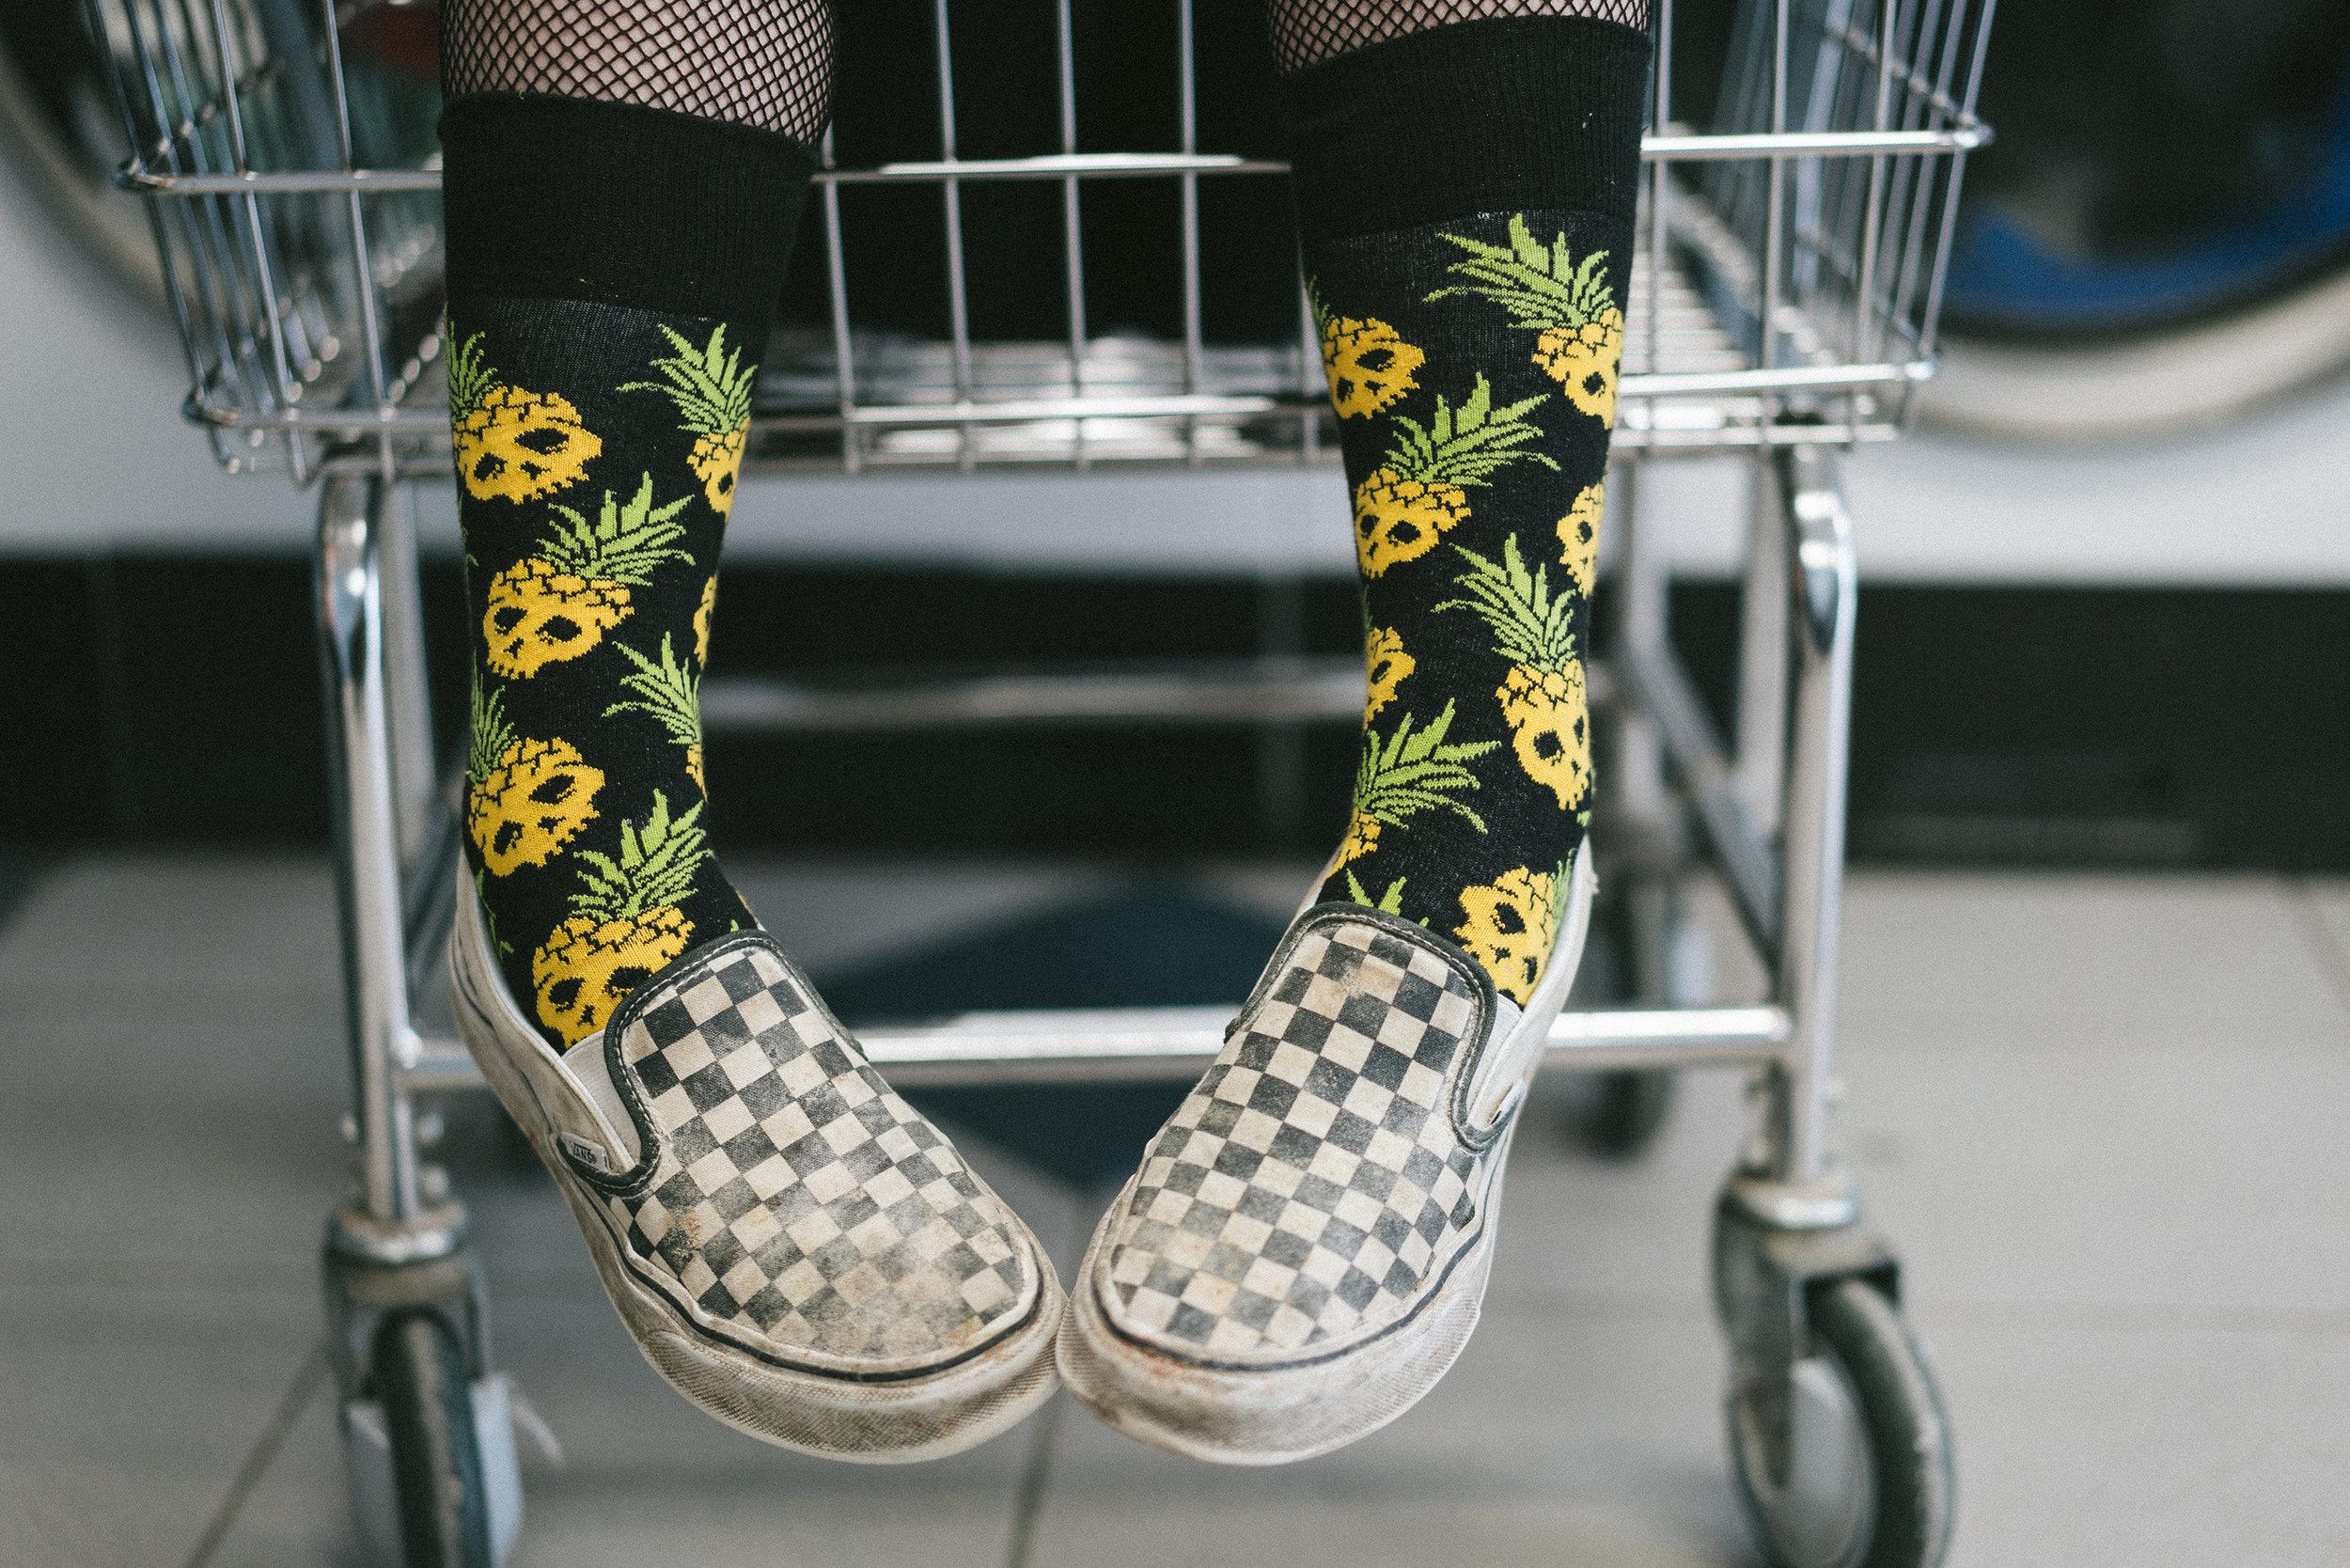 pineappleskullsocks.jpg